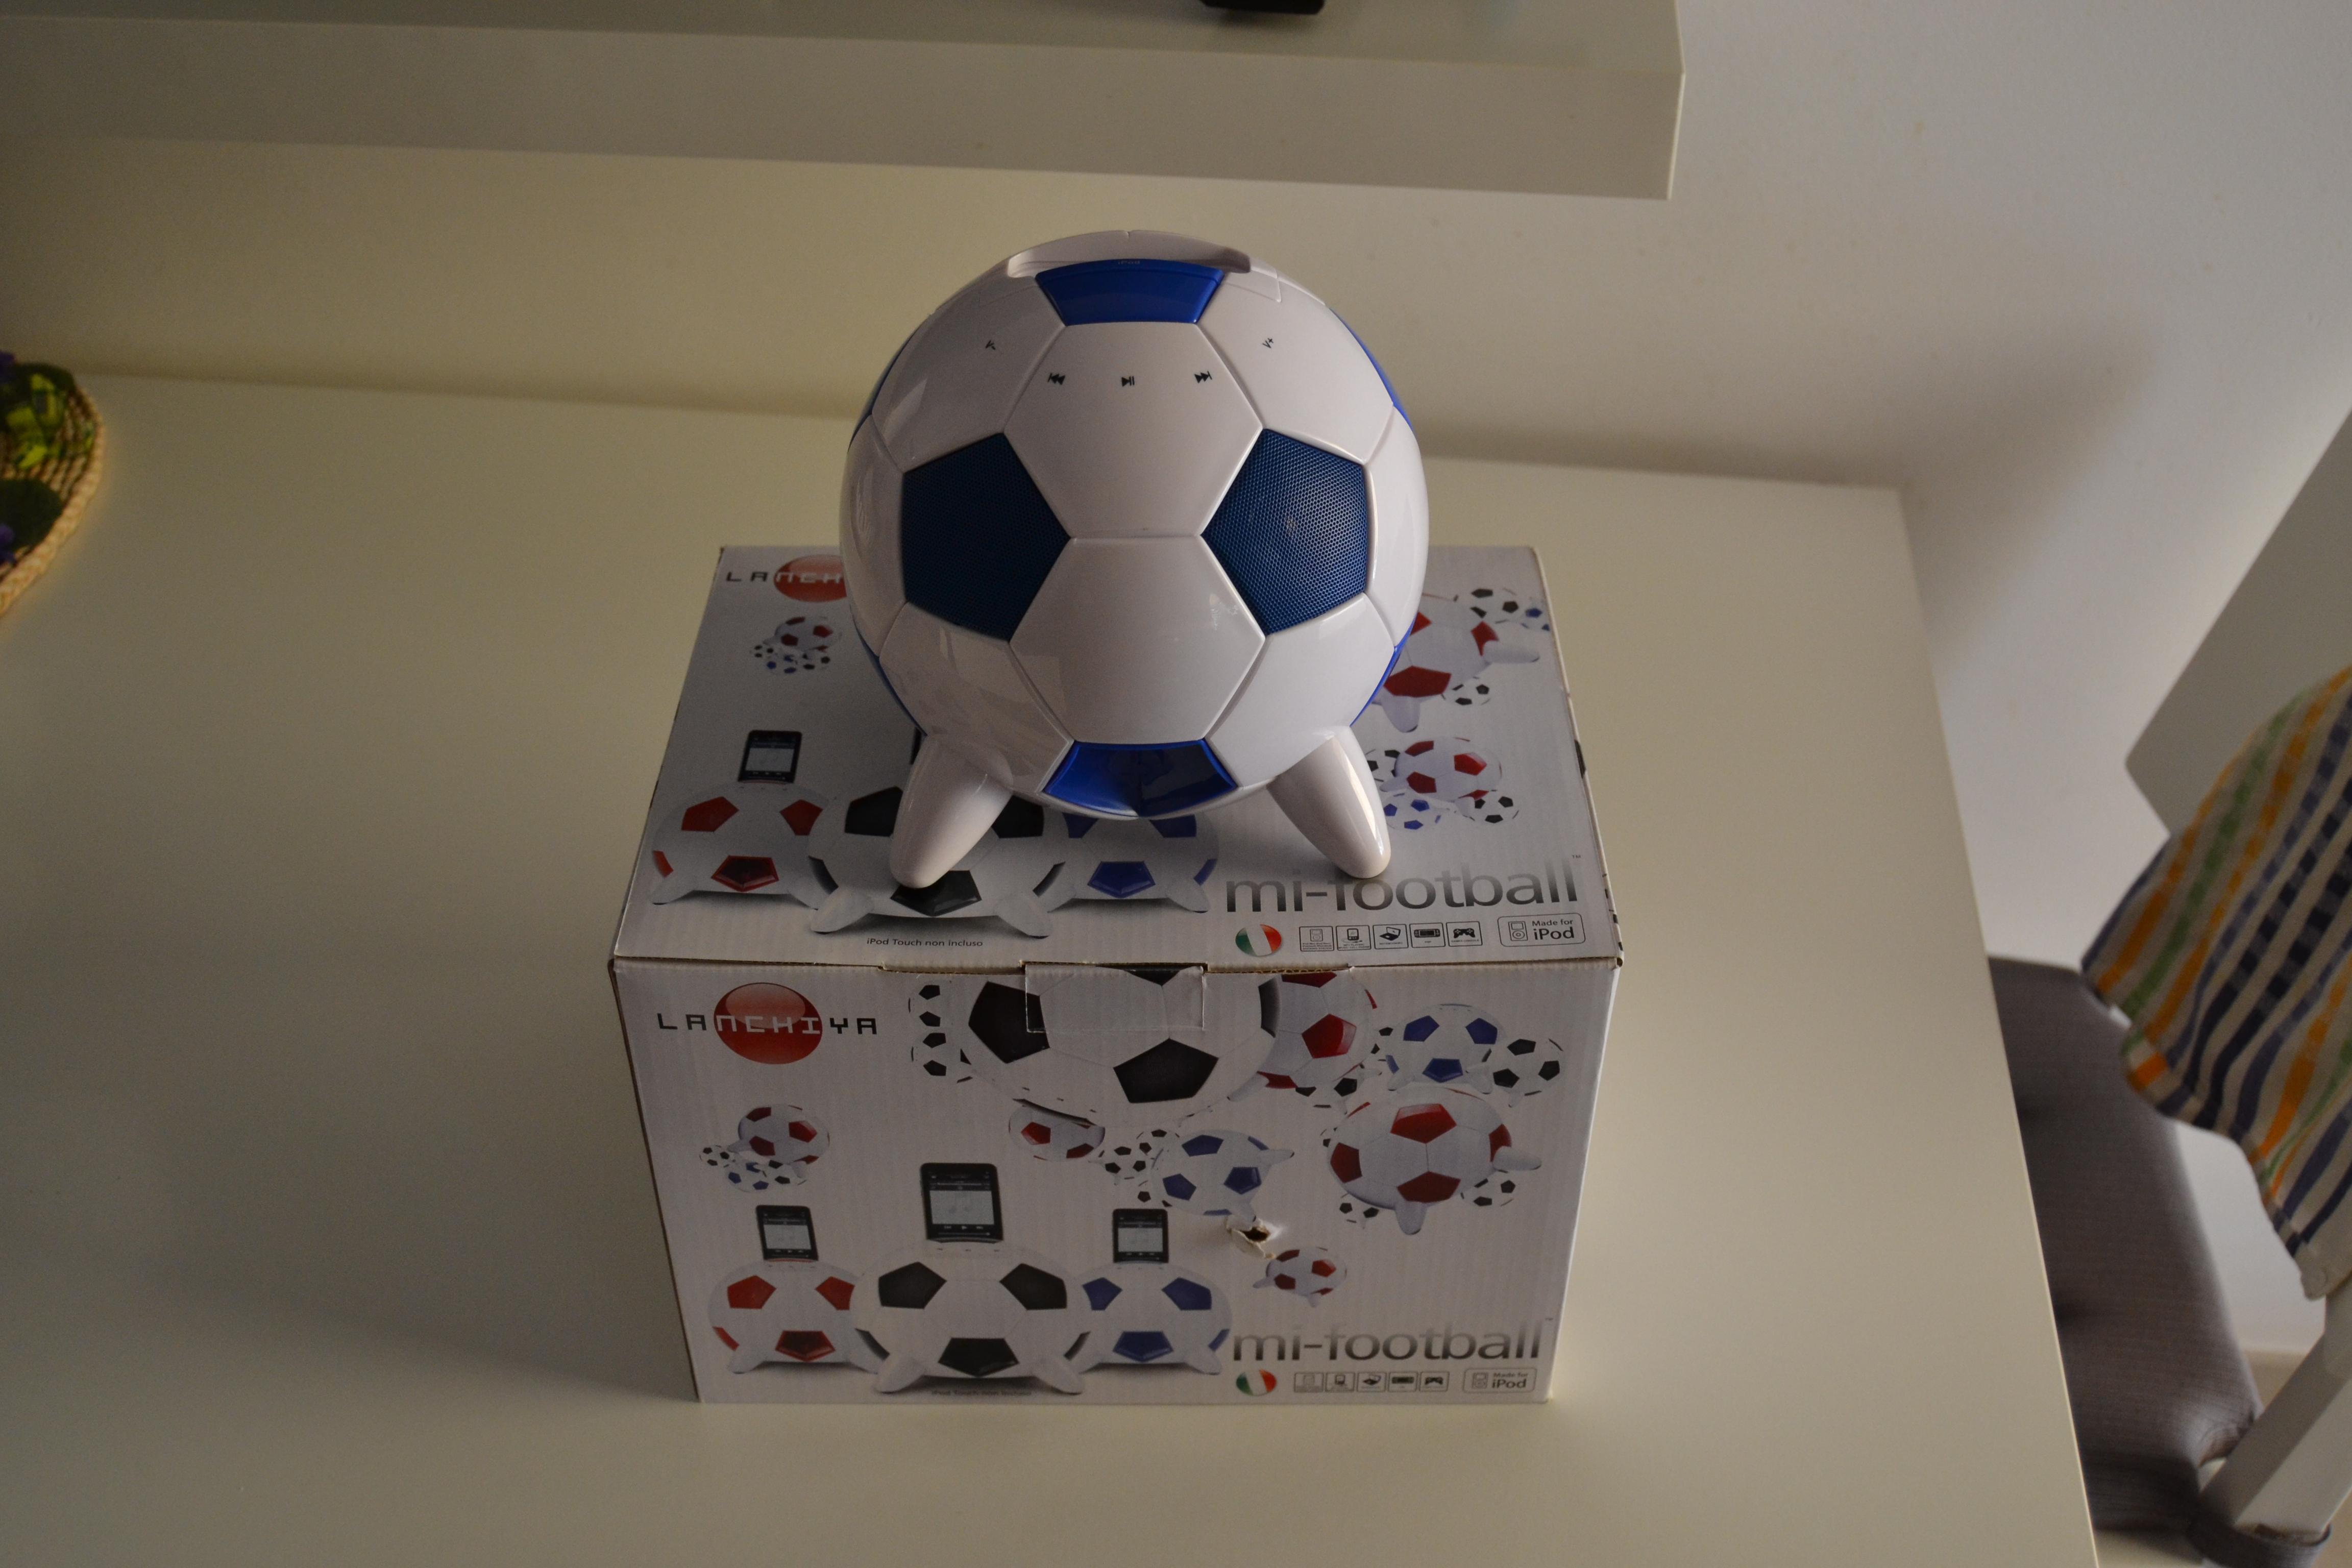 Speaker Aiino mi-Football: tanta potenza e un design originale | iSpazio Product Review